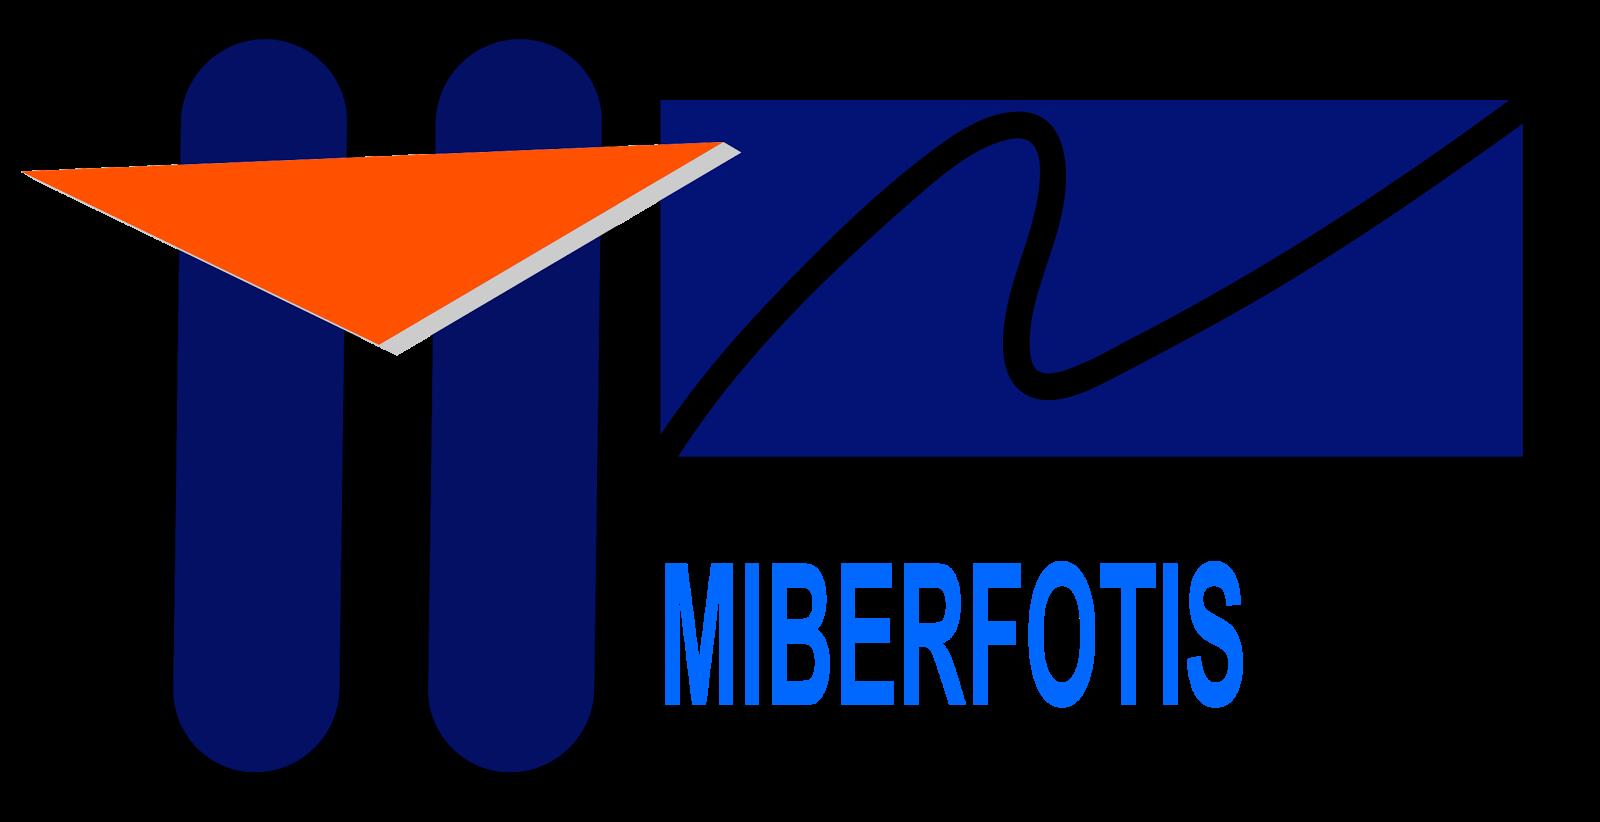 Miberfotis